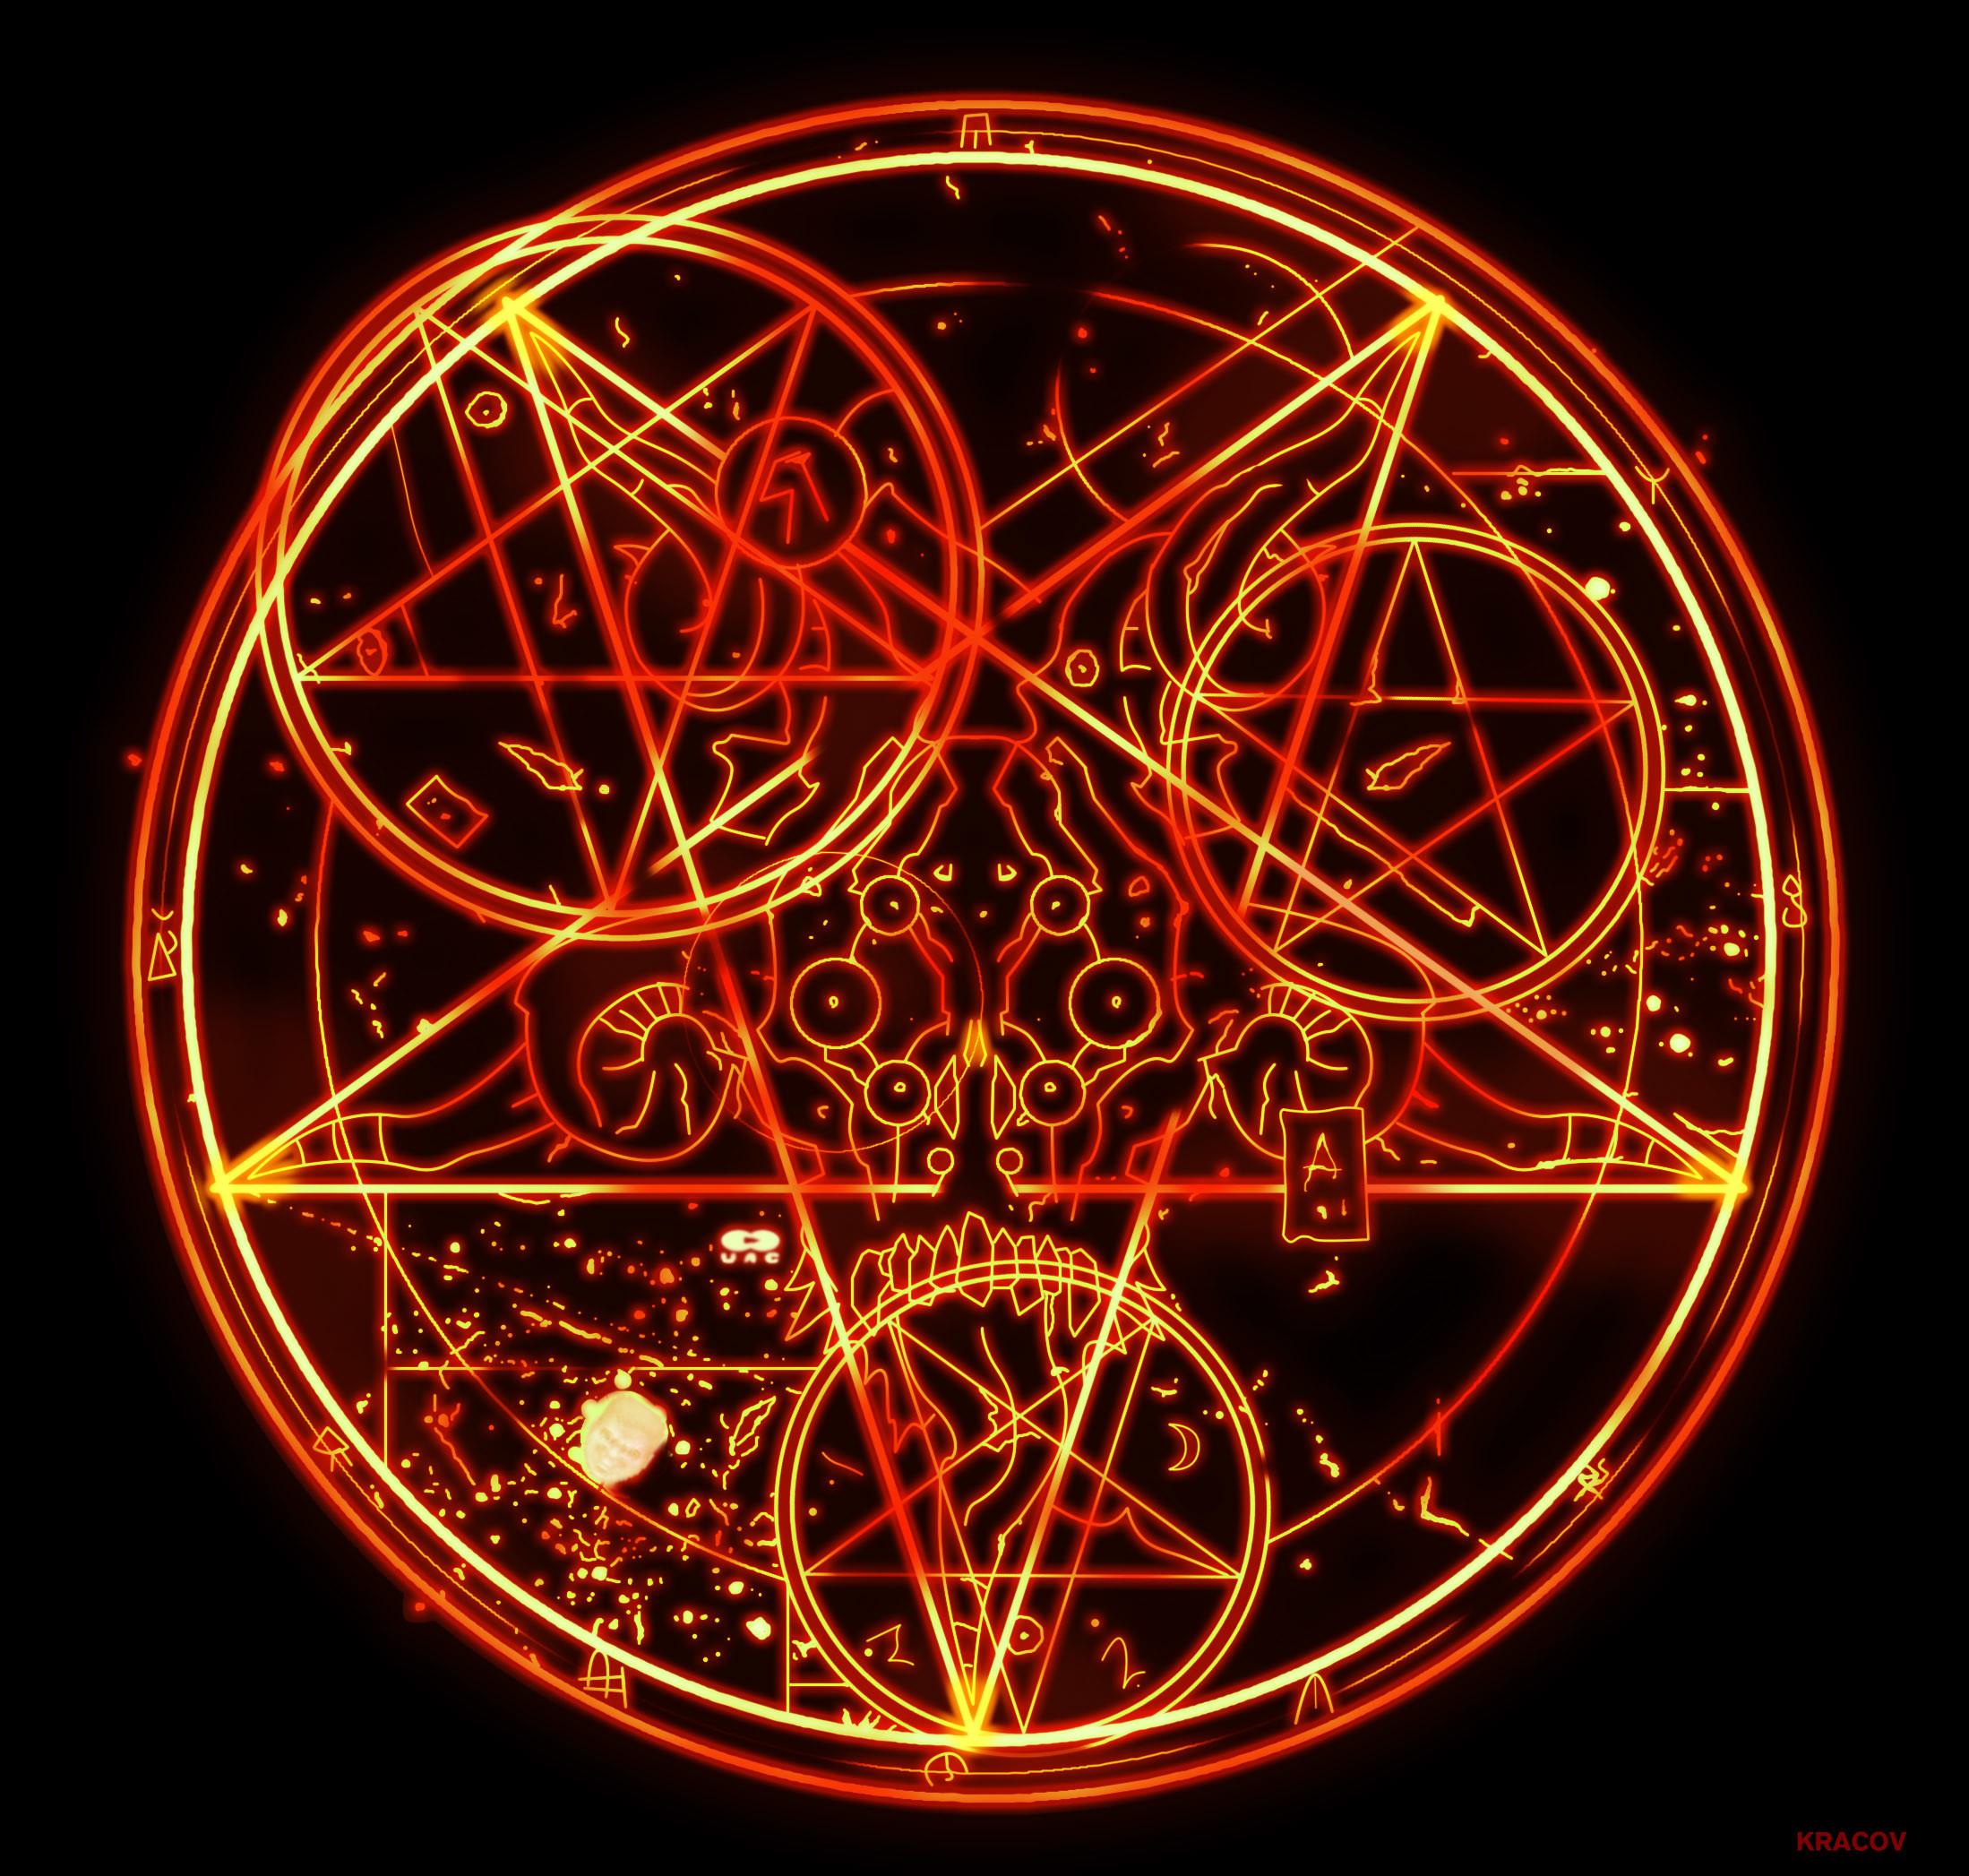 … Doom 3 Pentagram HD by Kracov